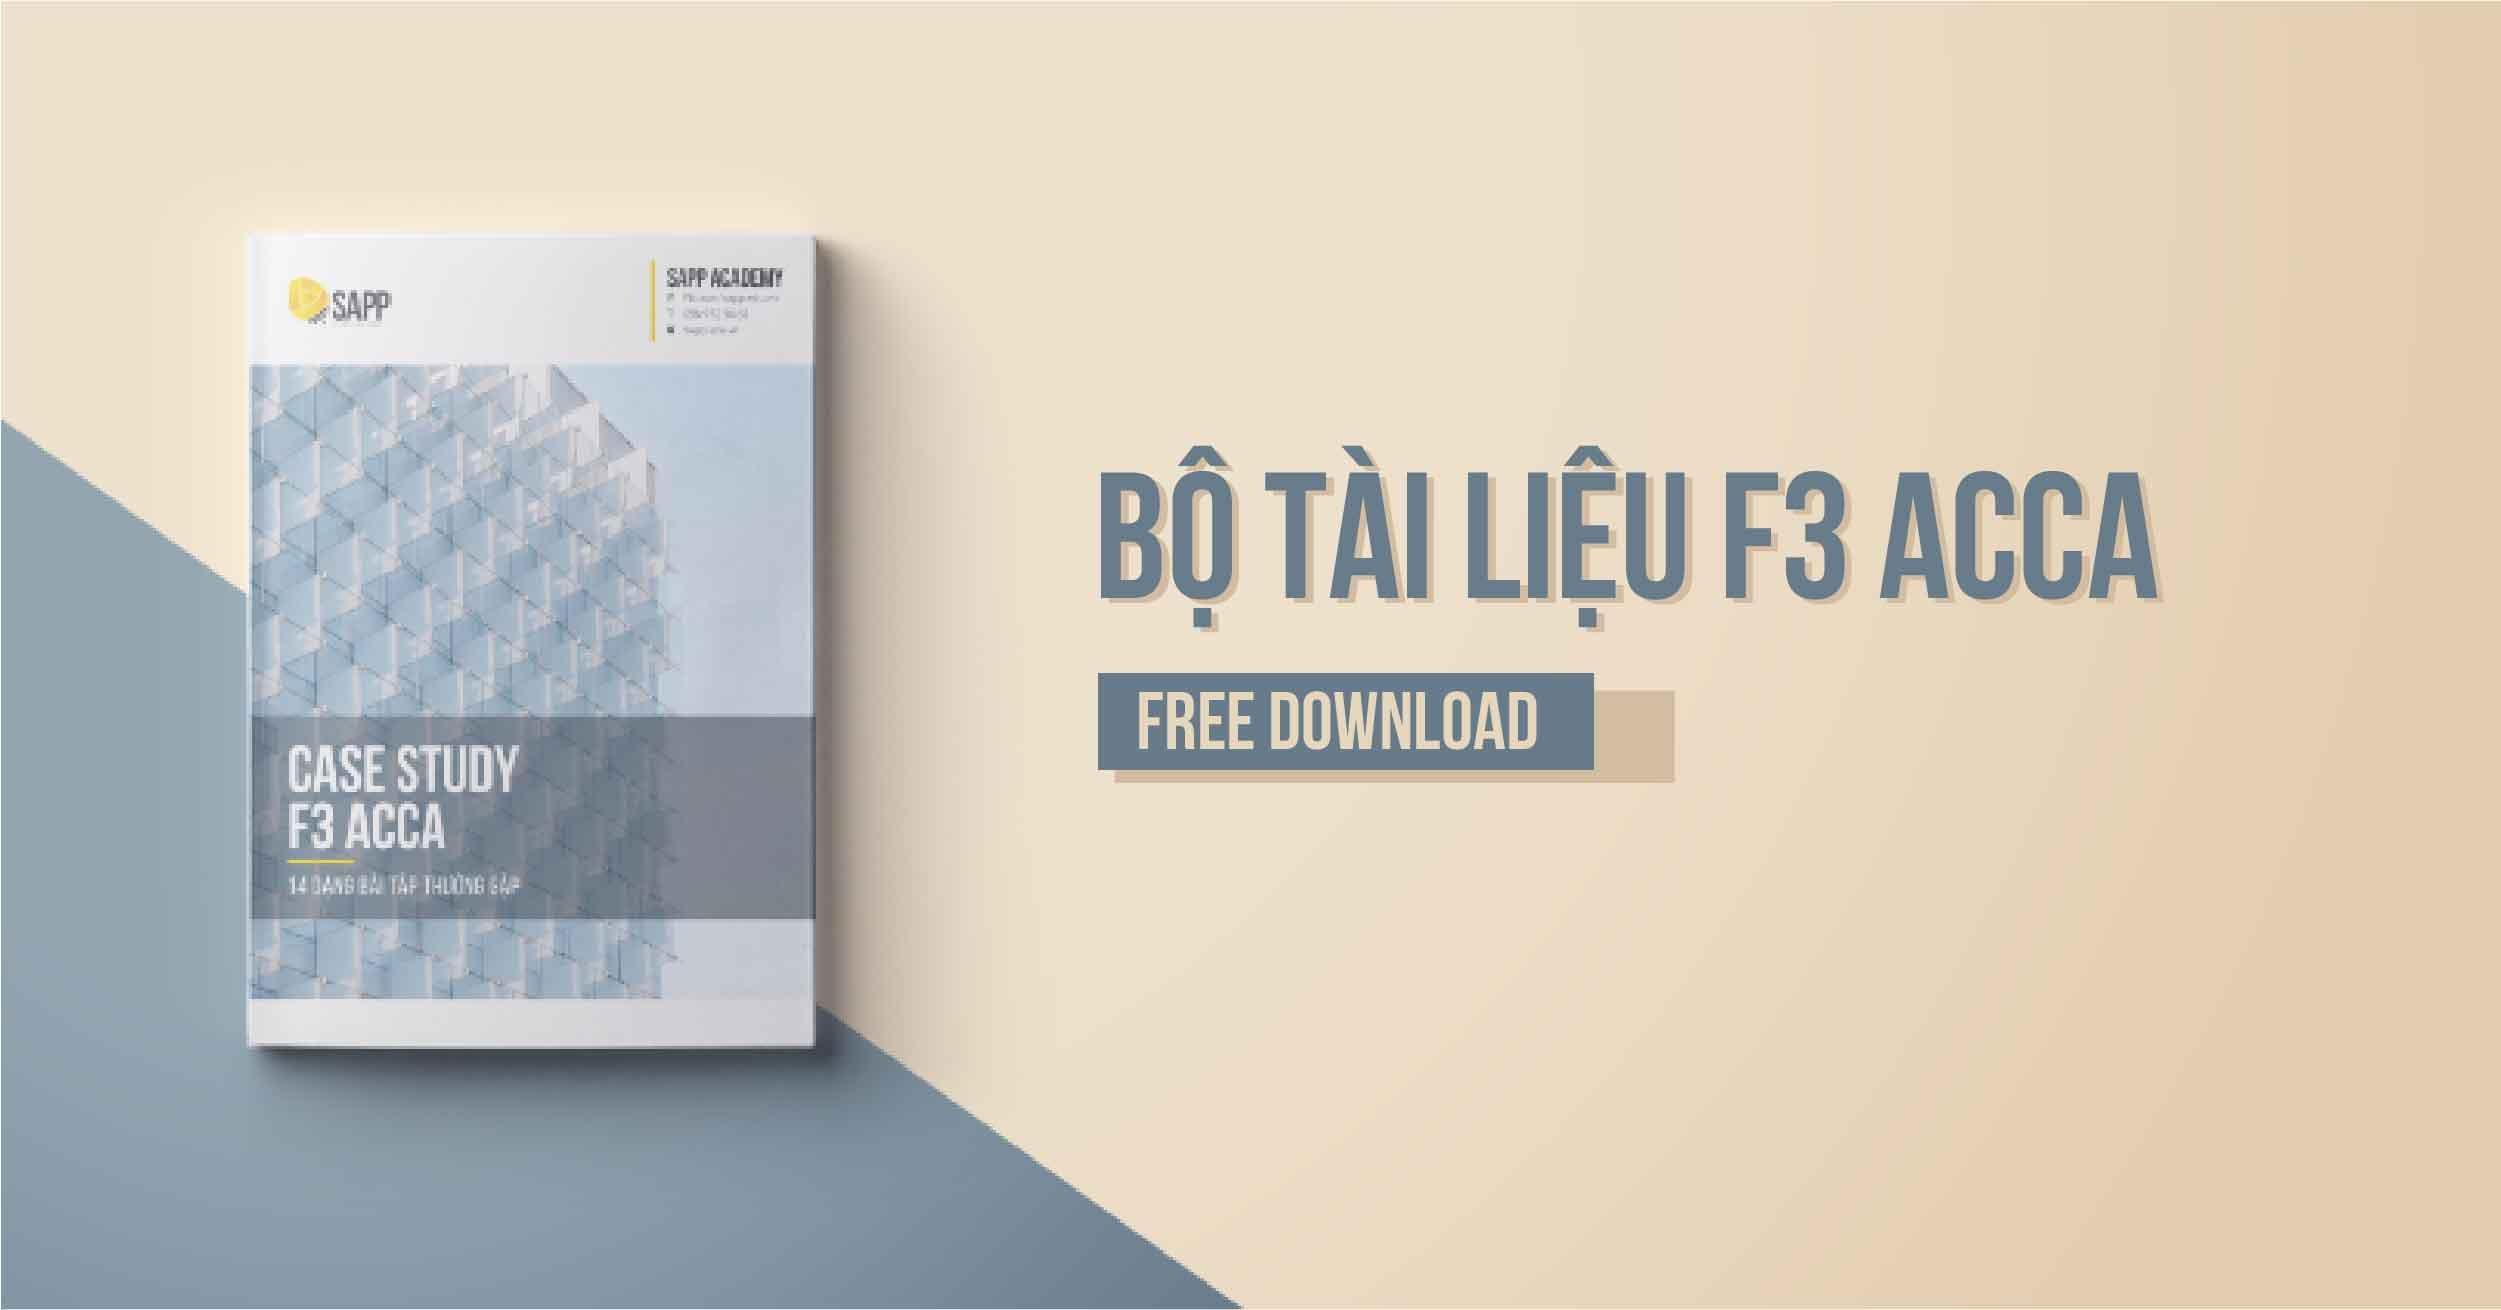 Free Download Bộ Tài Liệu F3 ACCA